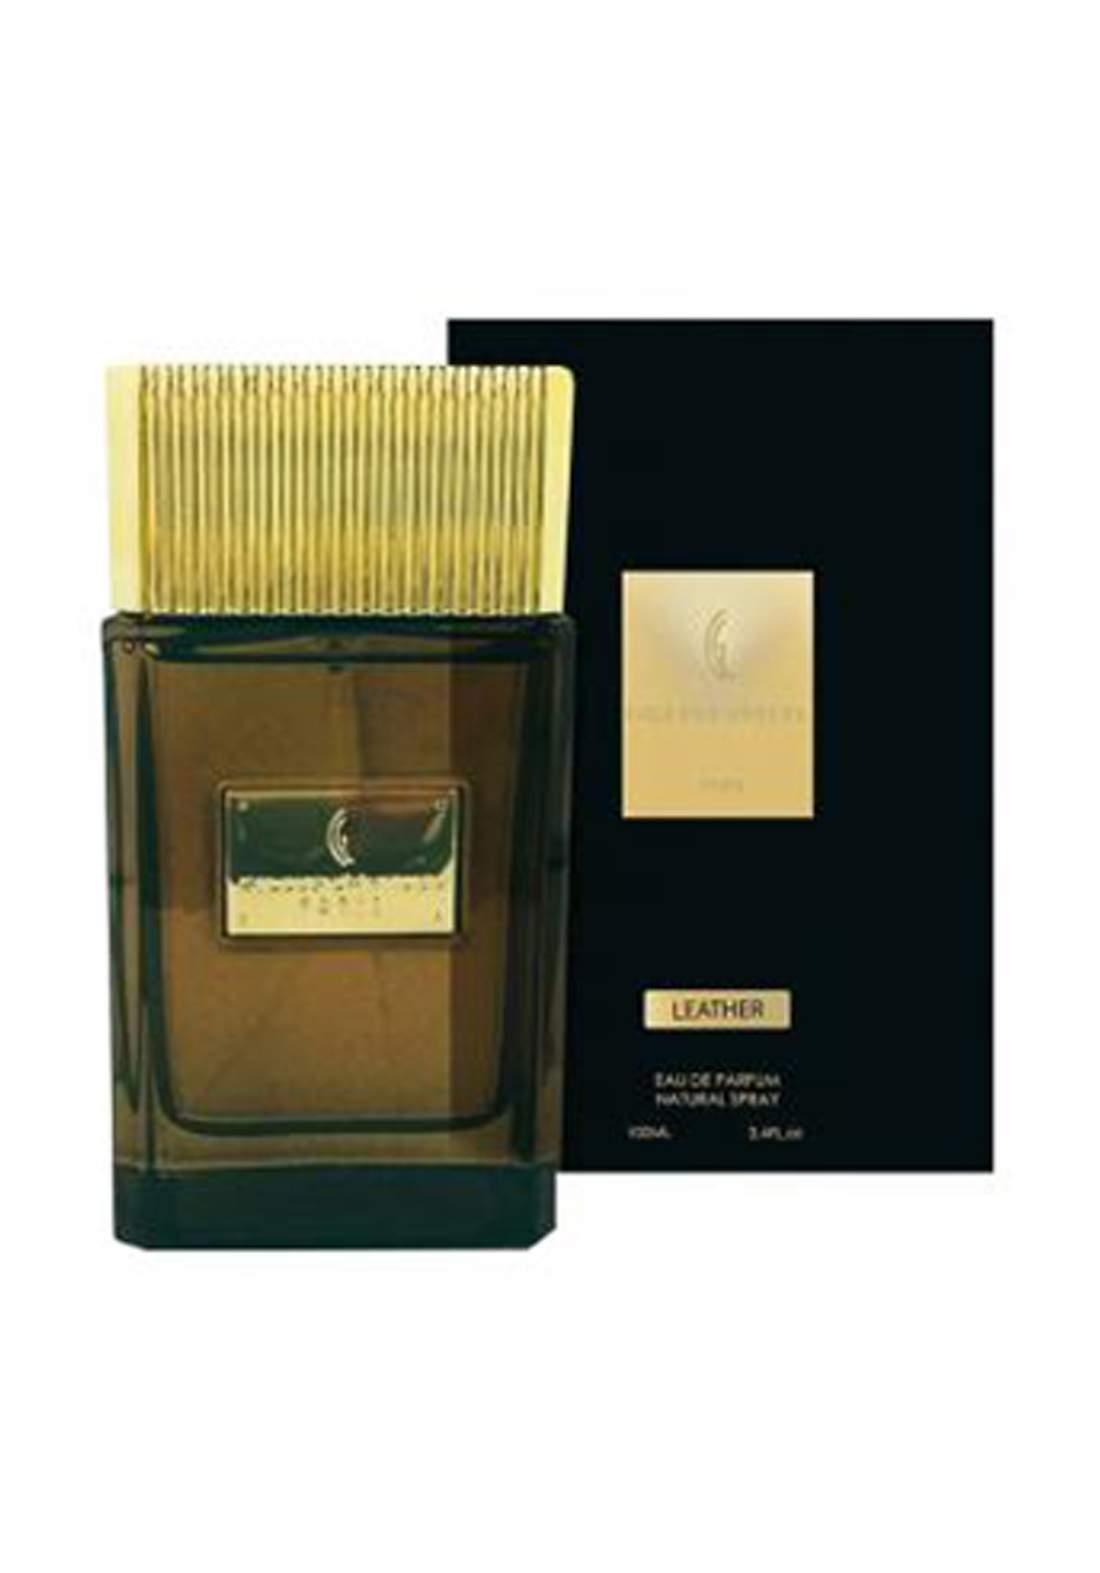 Gilles Cantuel Leather Eau de Parfum Gilles Cantuel100 ml - عطر رجالي